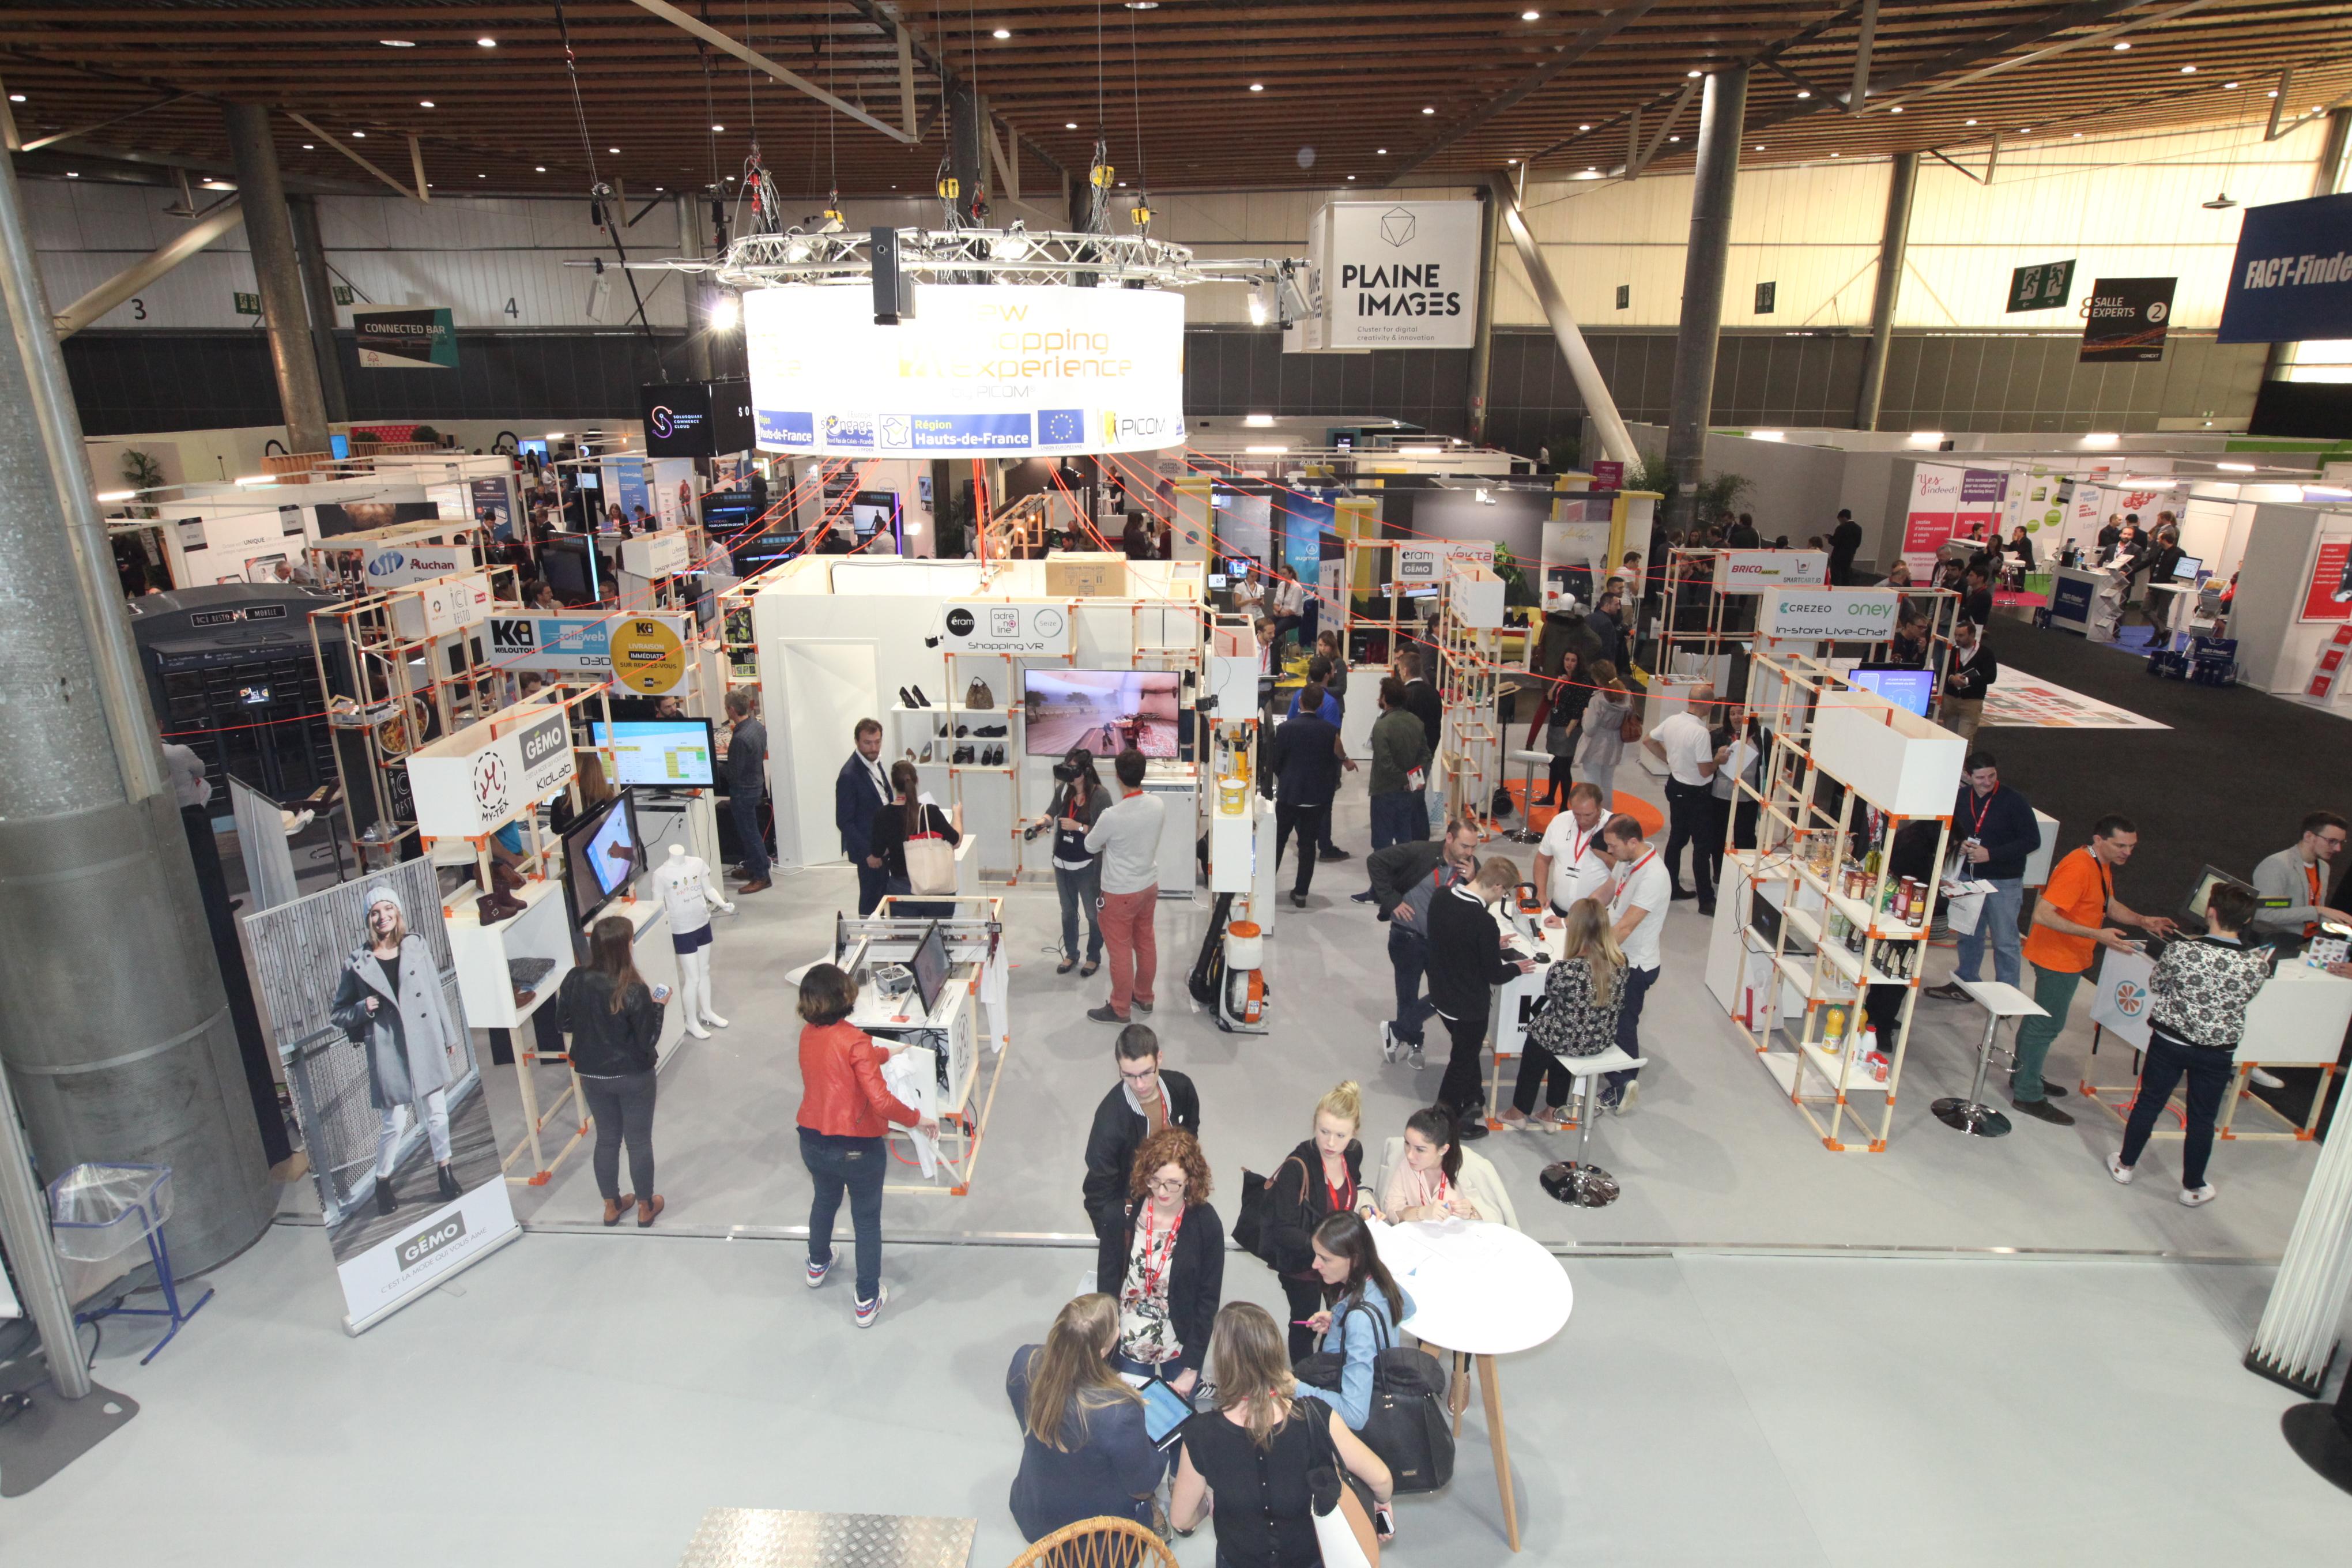 Le salon du commerce intelligent #Conext clôture 3 jours dédiés au retail, à l'innovation et à la prospective